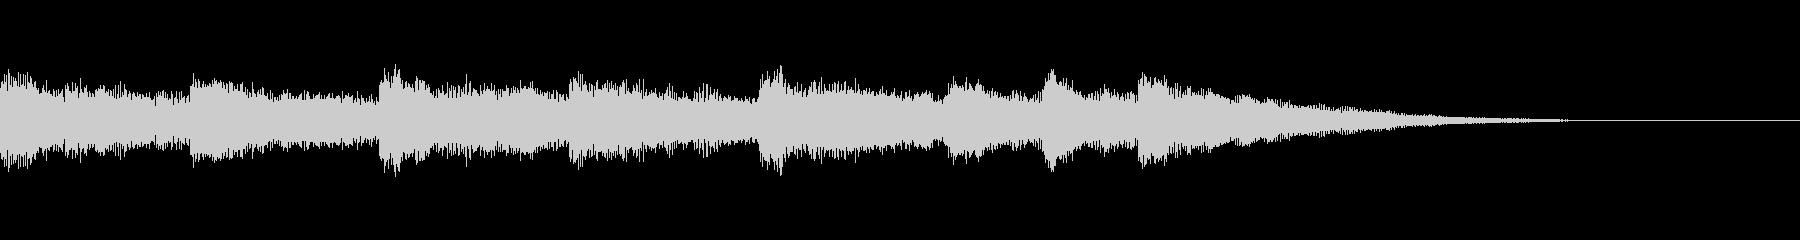 壮大なピアノジングルの未再生の波形